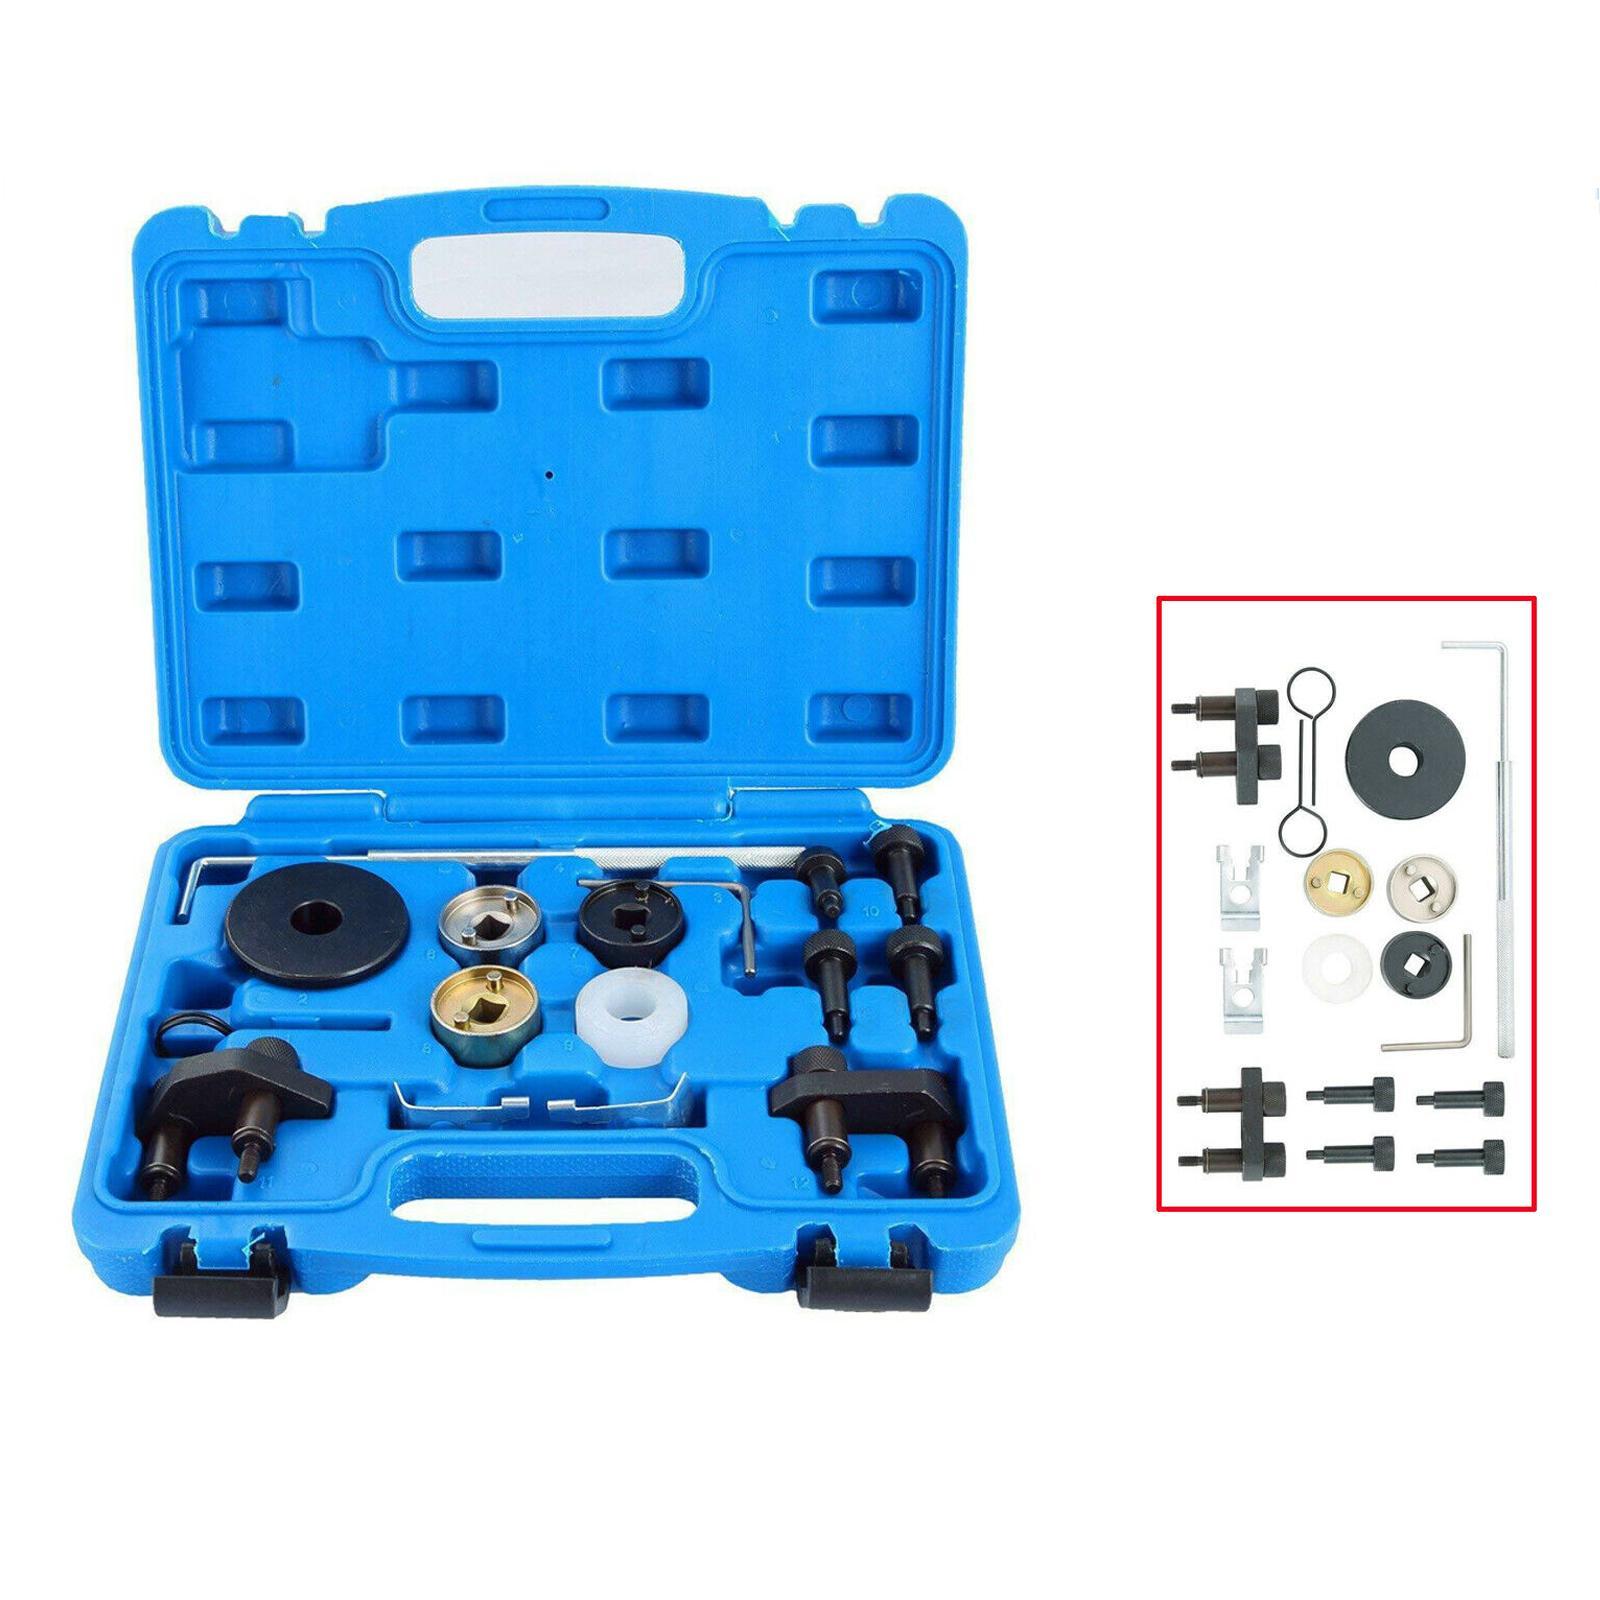 Free shipping Distribuzione motore a camme di bloccaggio Alignment Tool Kit per Audi Vw 1.8 2.0 TFSI EA888